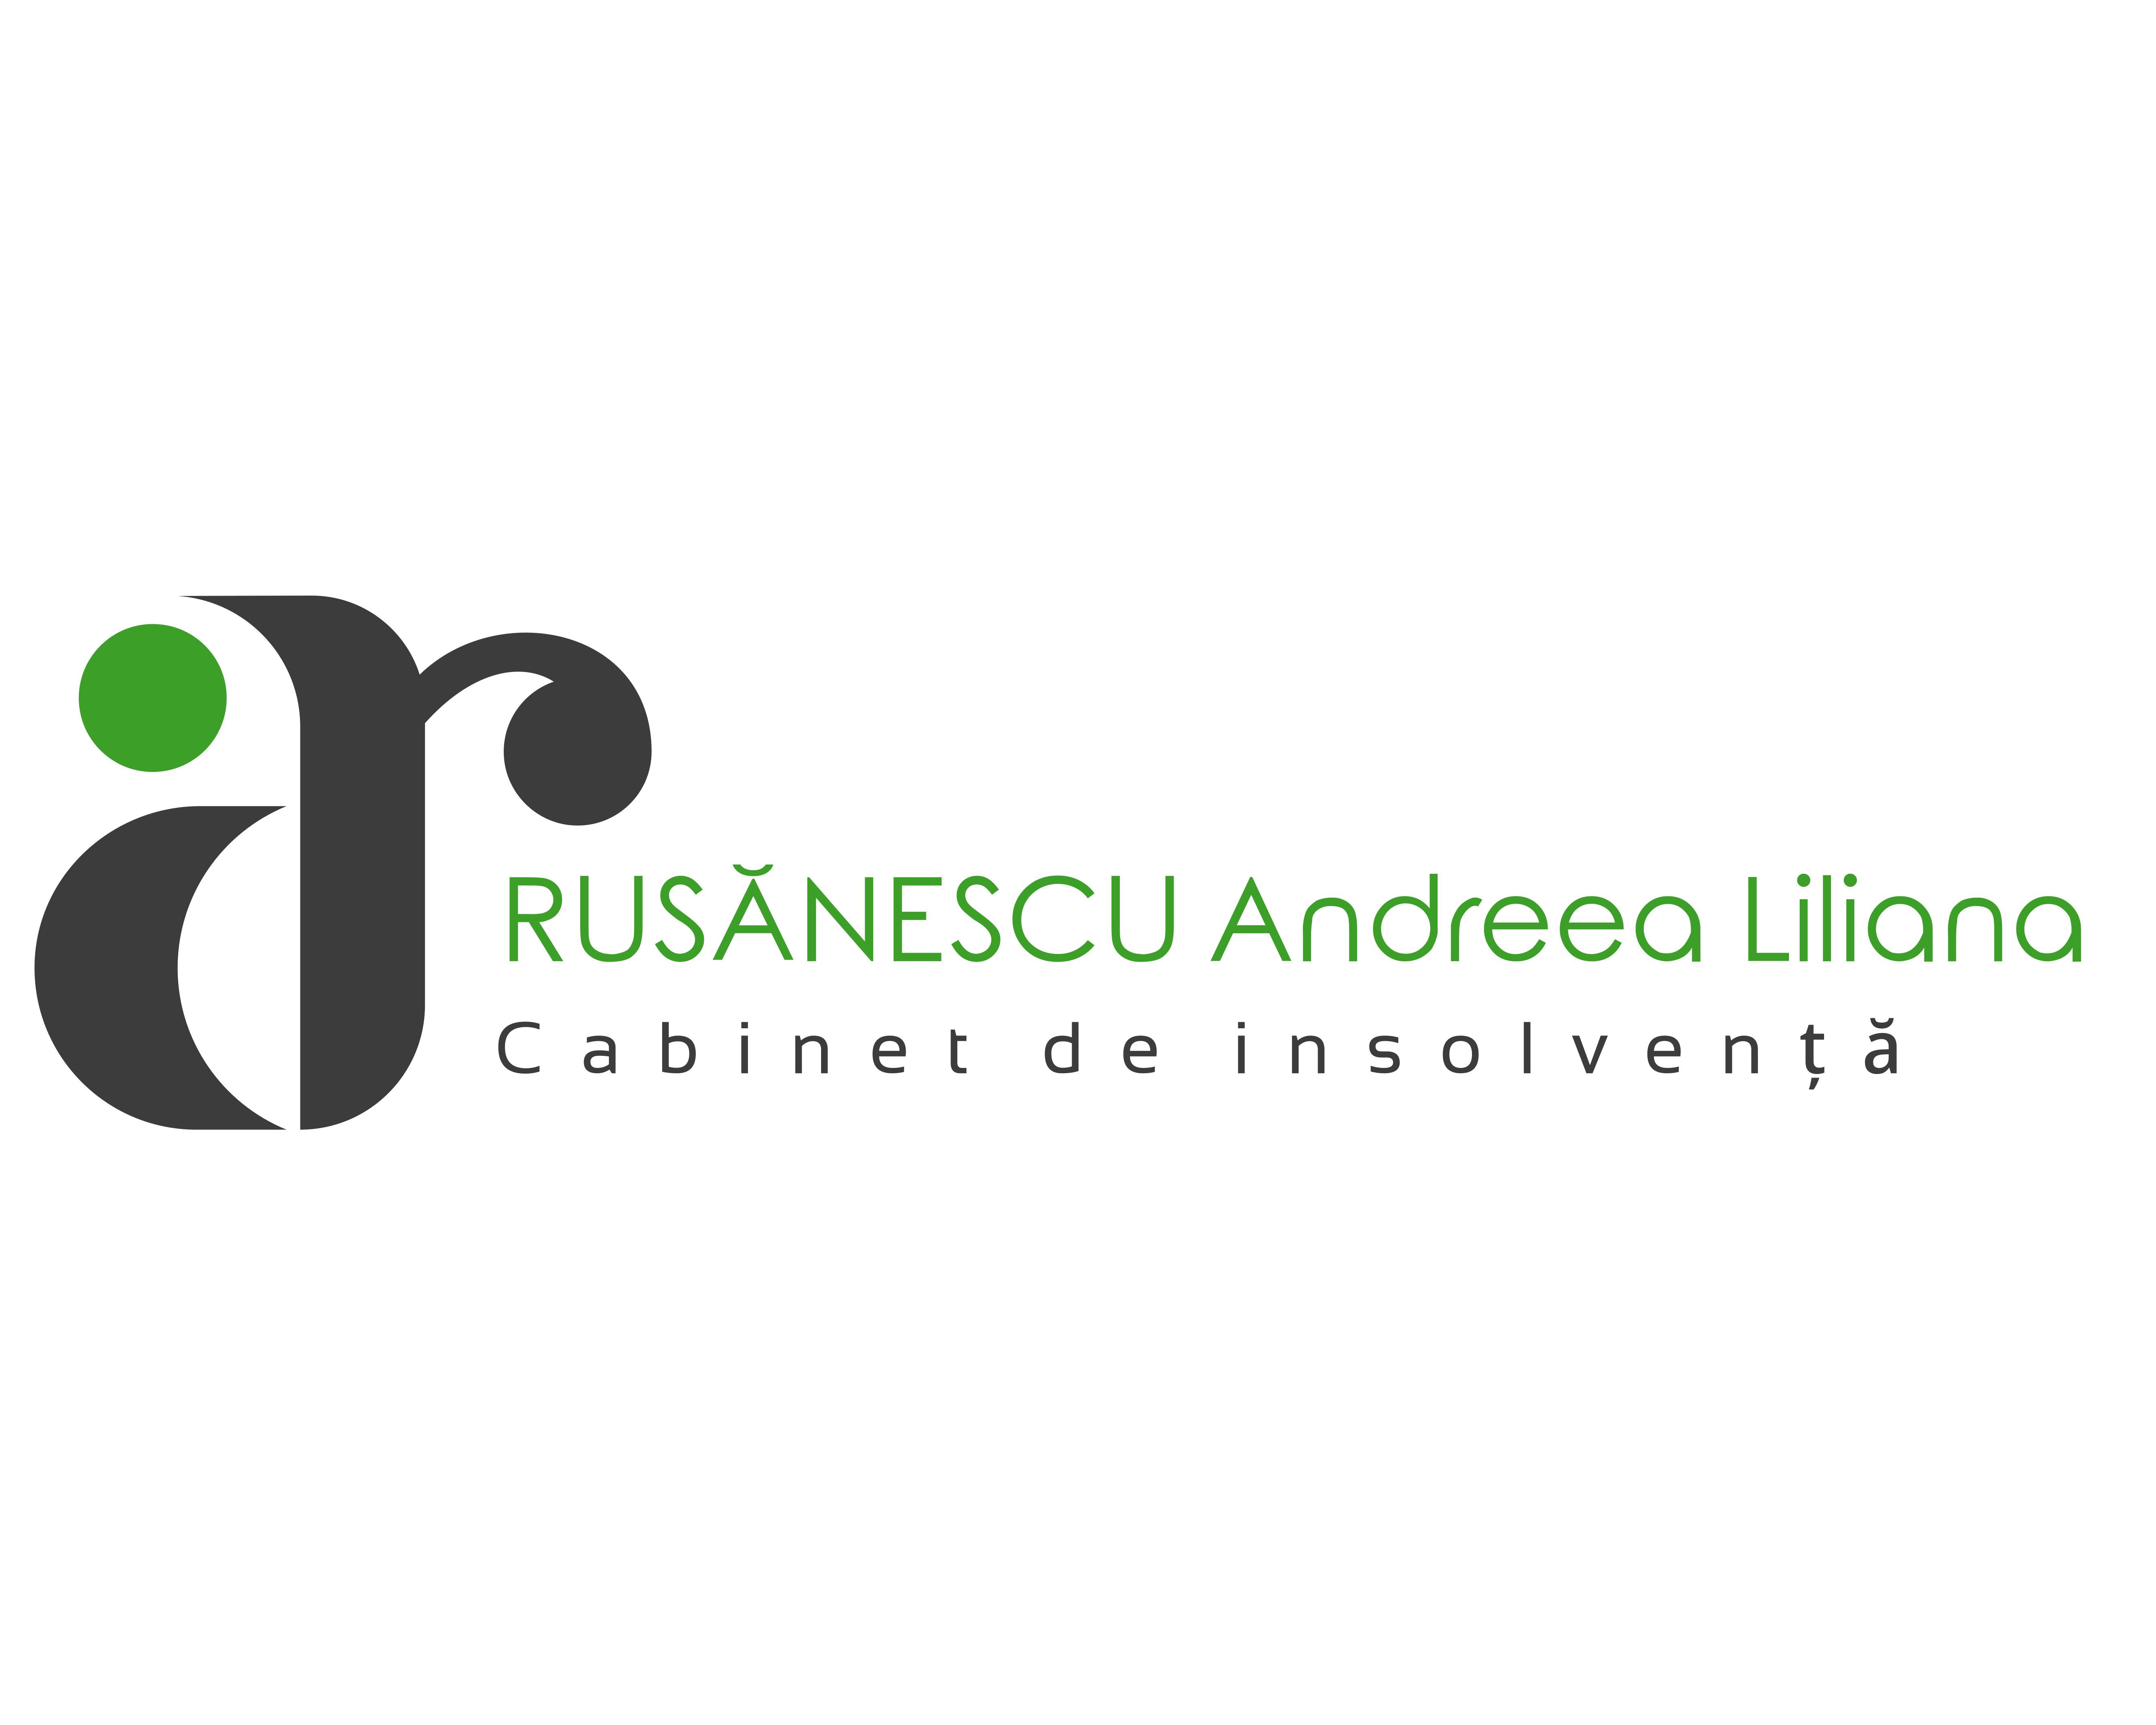 CII RUSĂNESCU ANDREEA-LILIANA